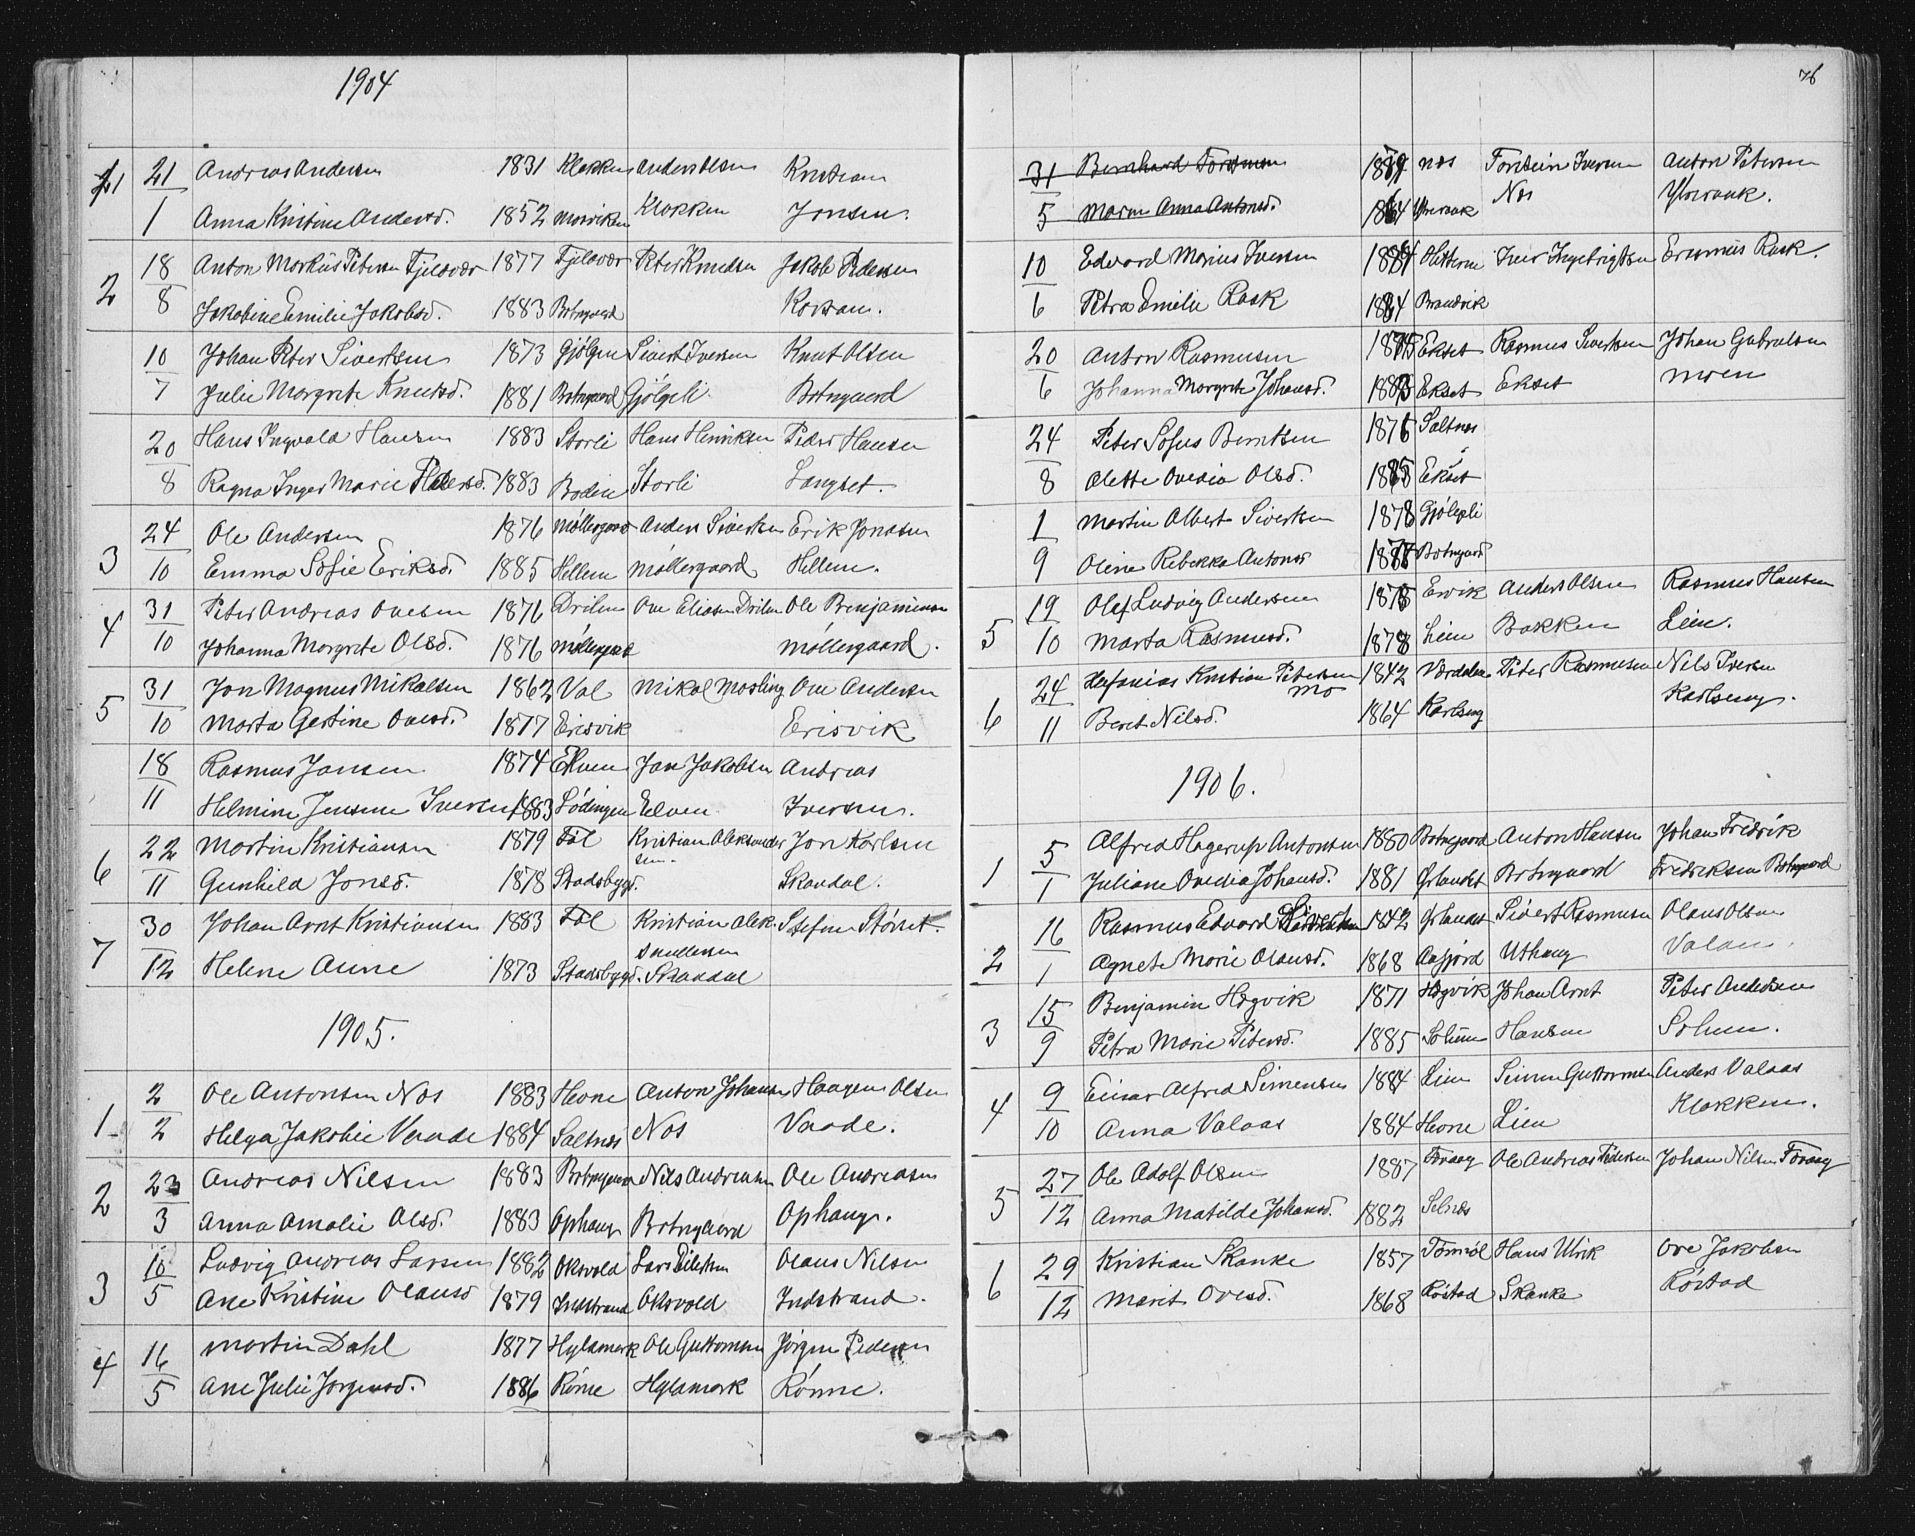 SAT, Ministerialprotokoller, klokkerbøker og fødselsregistre - Sør-Trøndelag, 651/L0647: Klokkerbok nr. 651C01, 1866-1914, s. 76